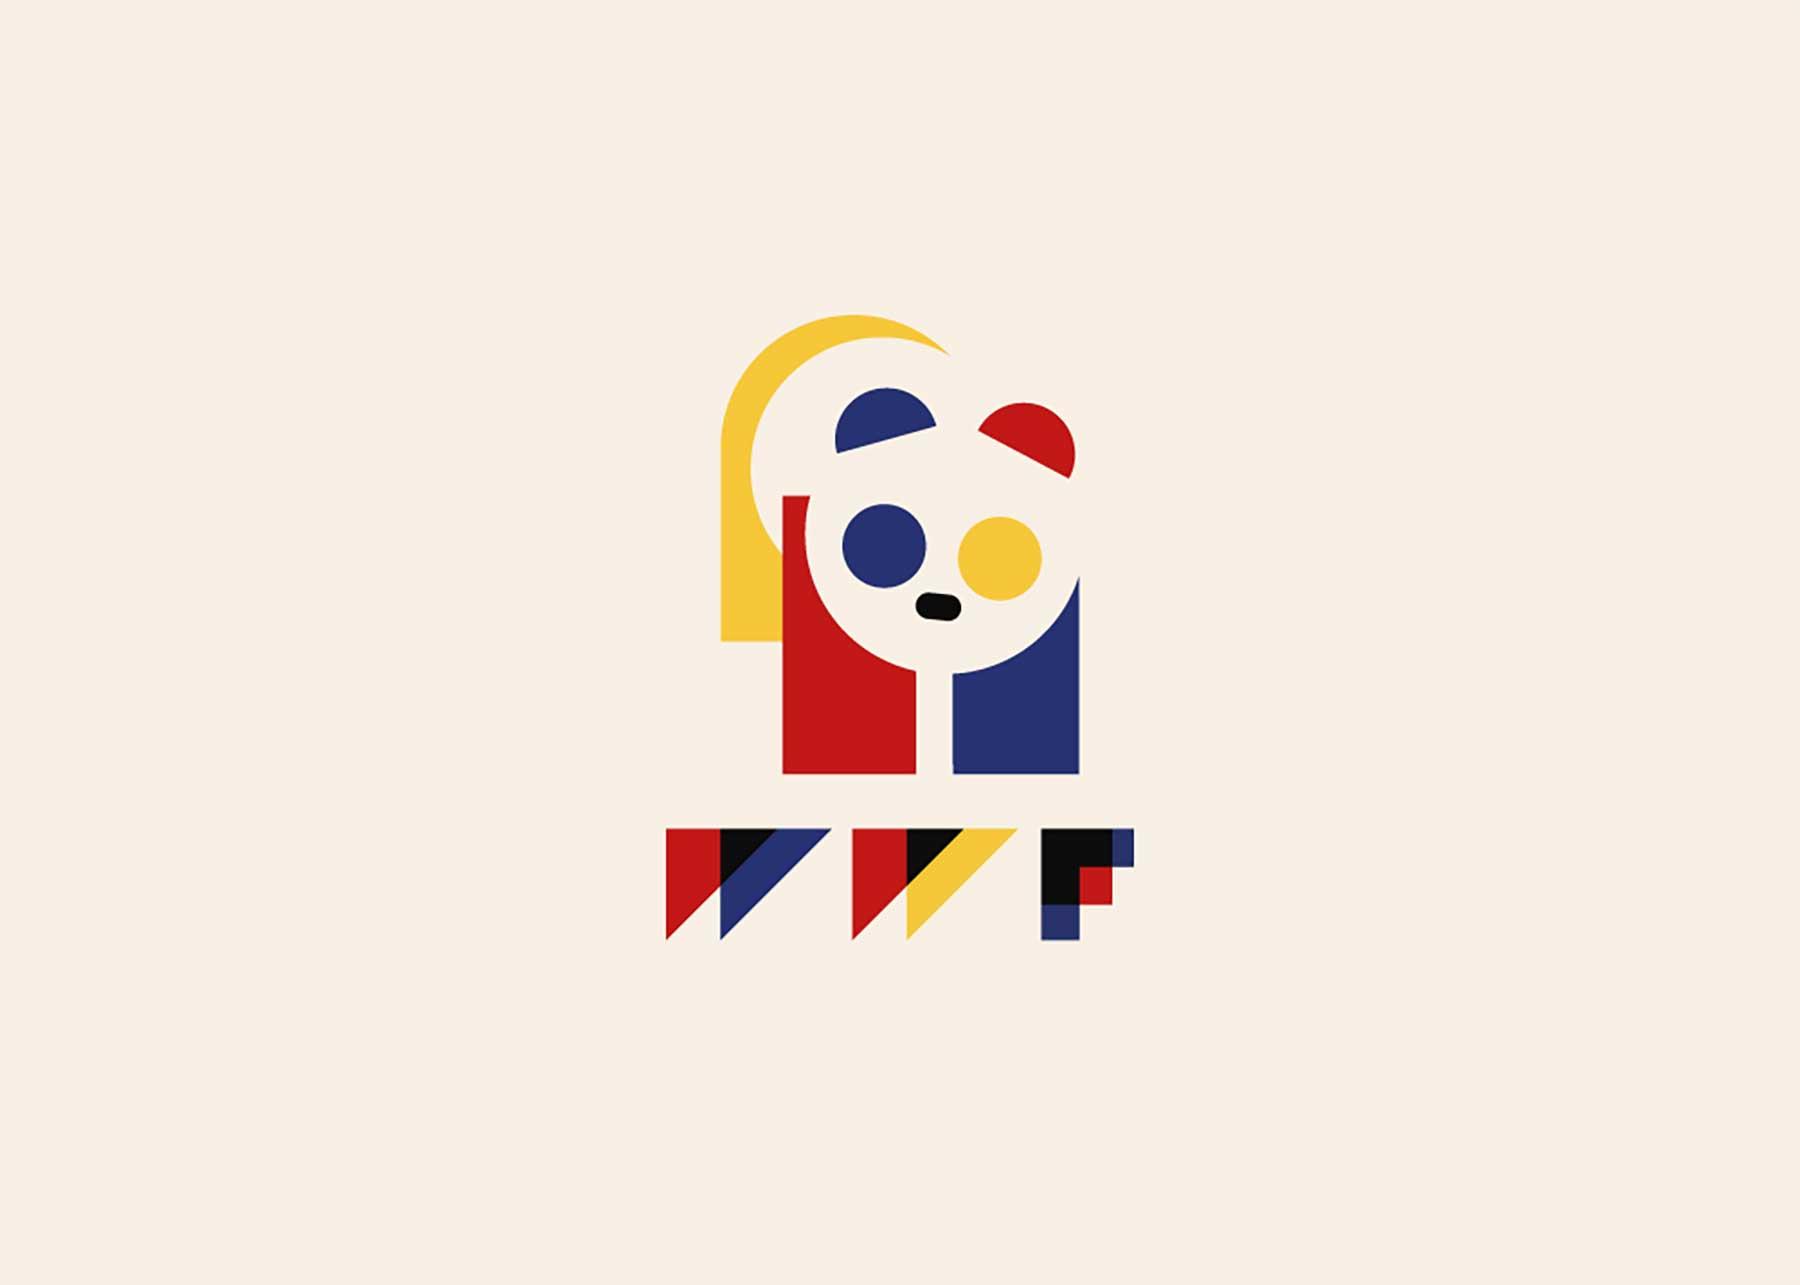 Bekannte Markenlogos im retrohaften Bauhaus-Design